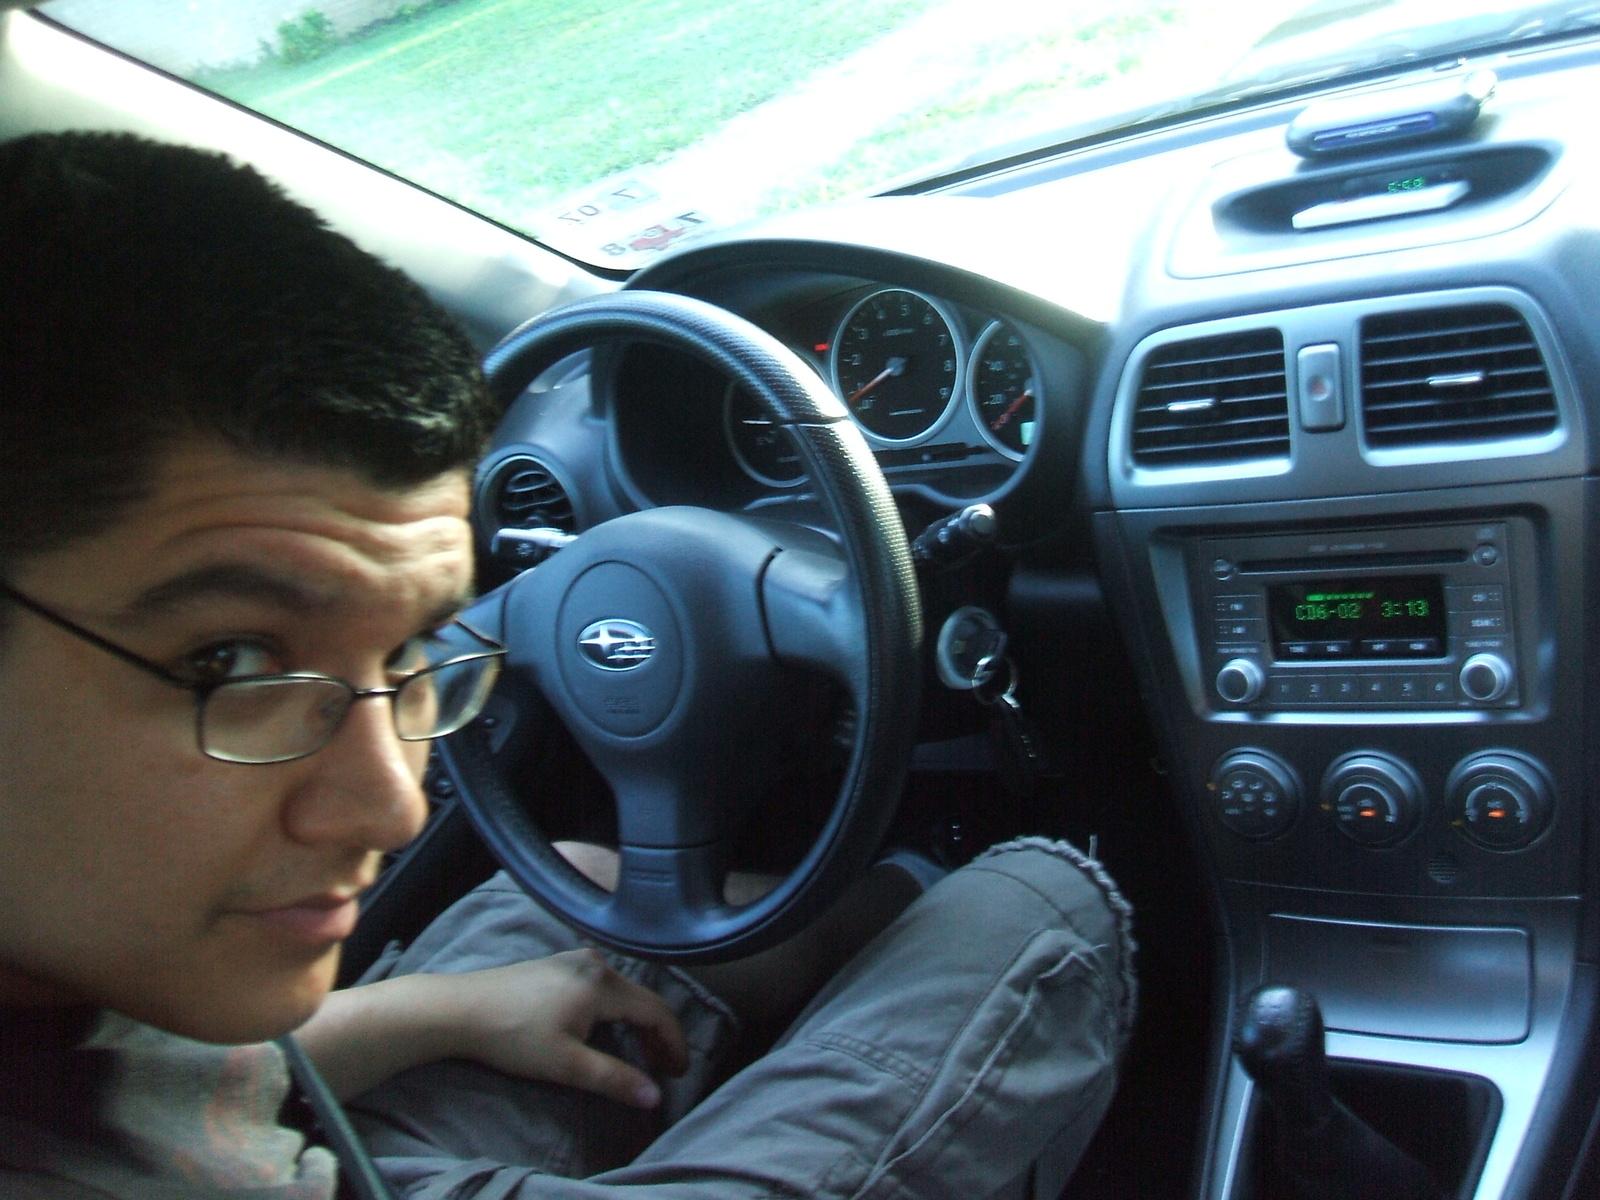 Picture of 2005 subaru impreza wrx interior